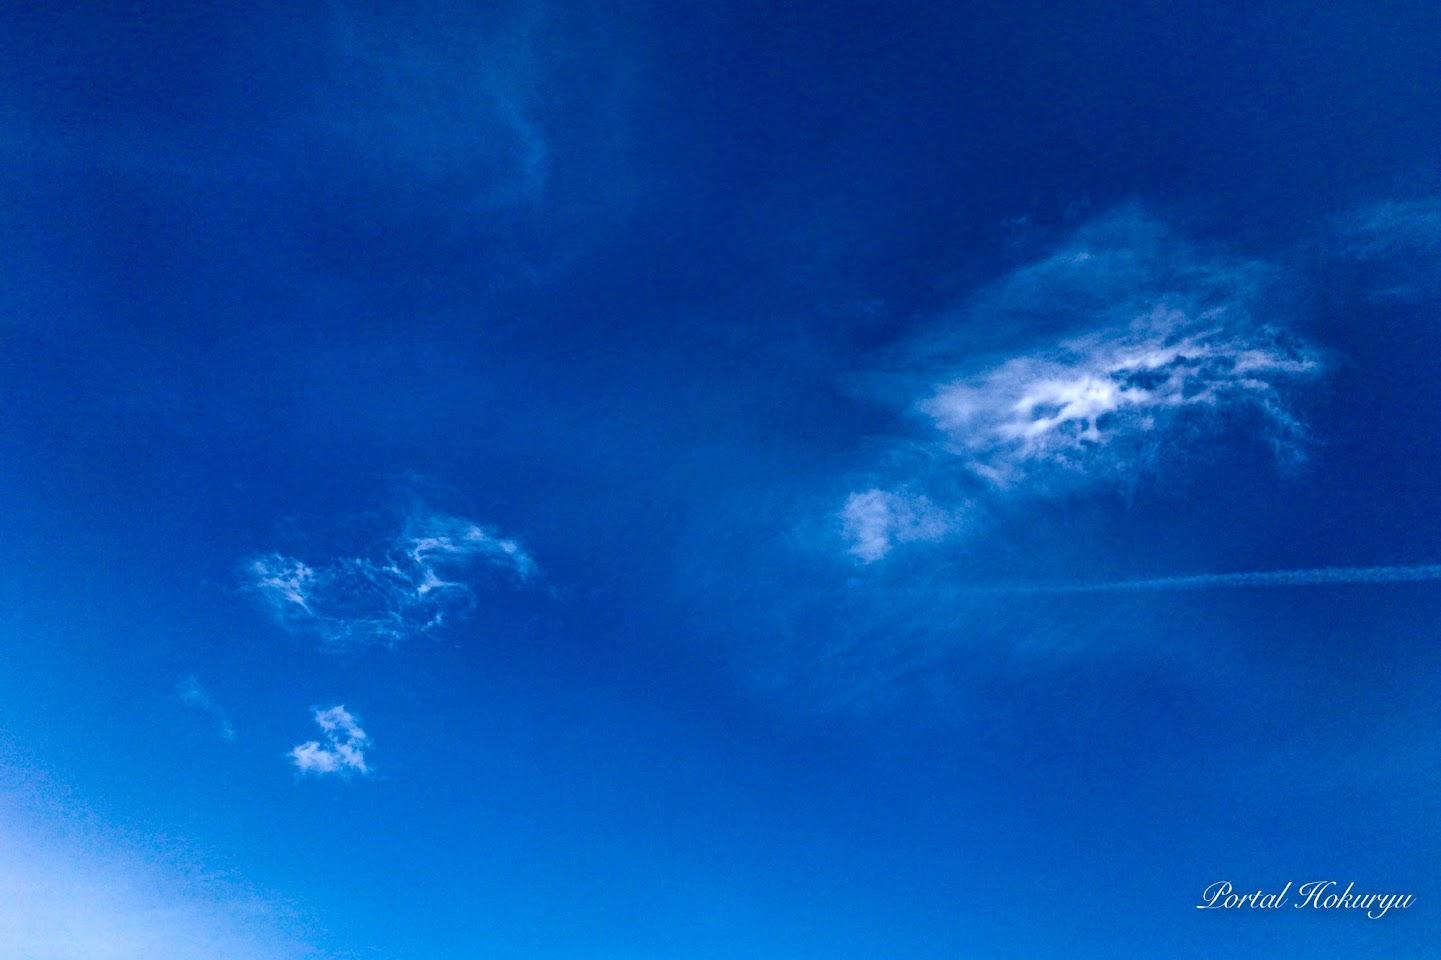 宇宙に繋がる瑠璃色の空